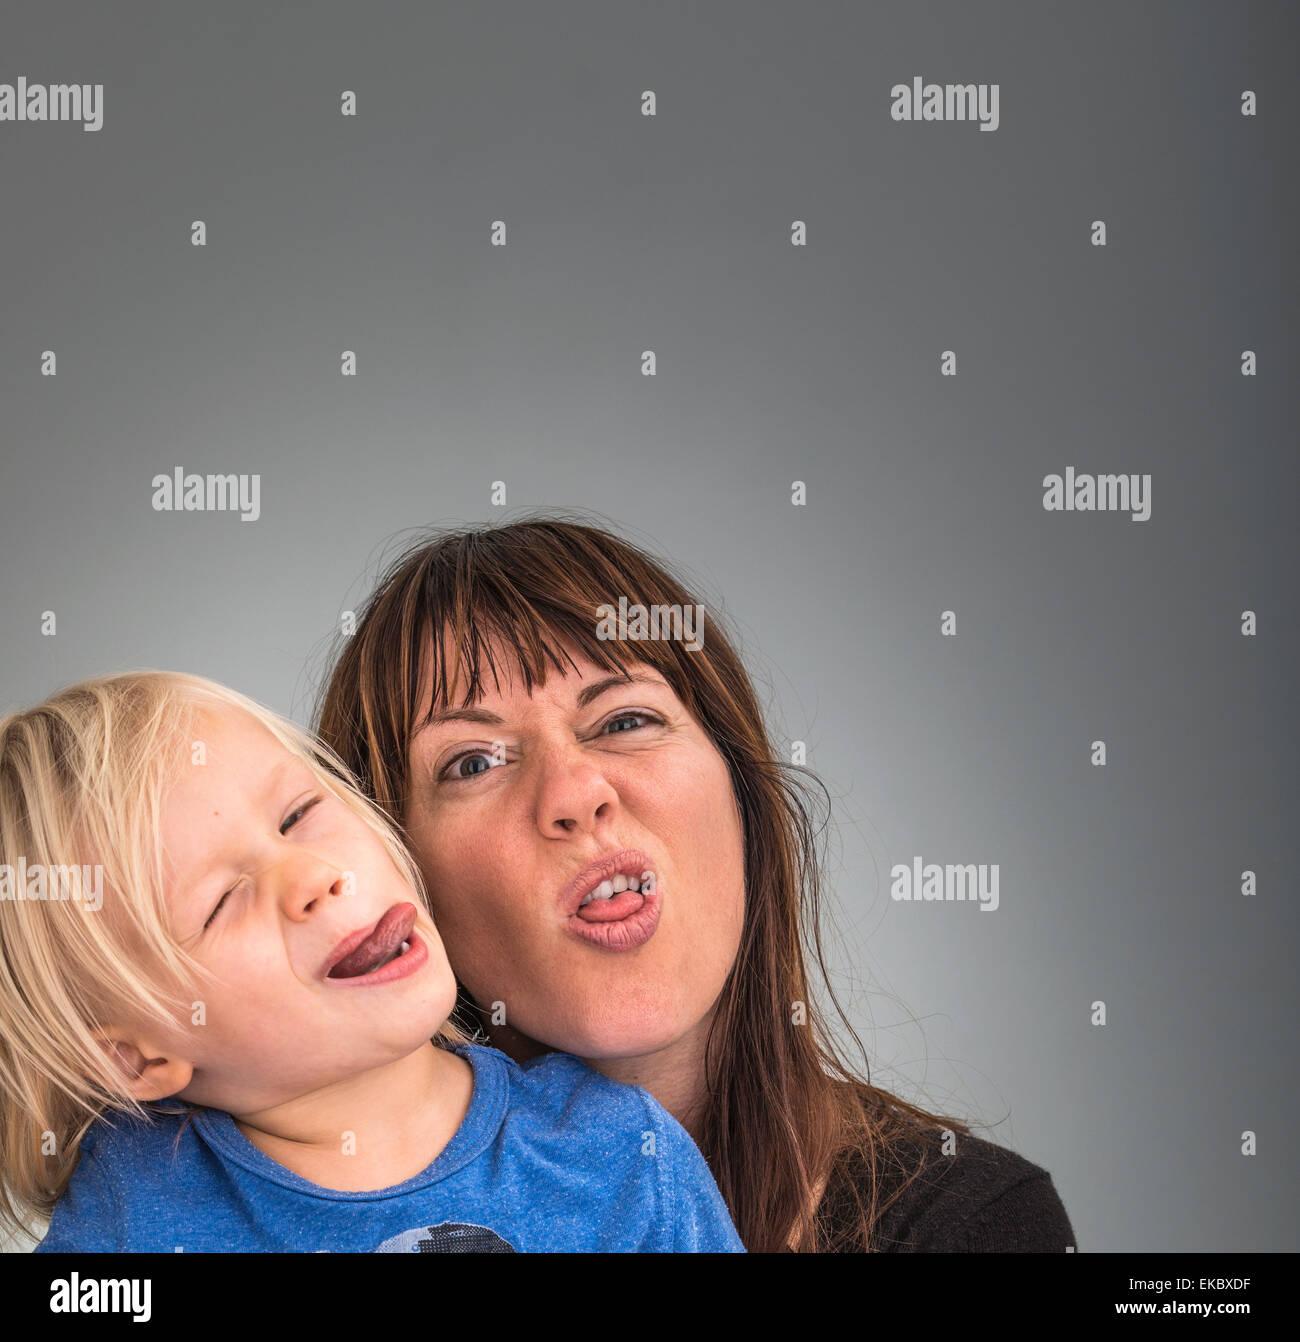 Ritratto di madre e figlio, tirando le facce Immagini Stock